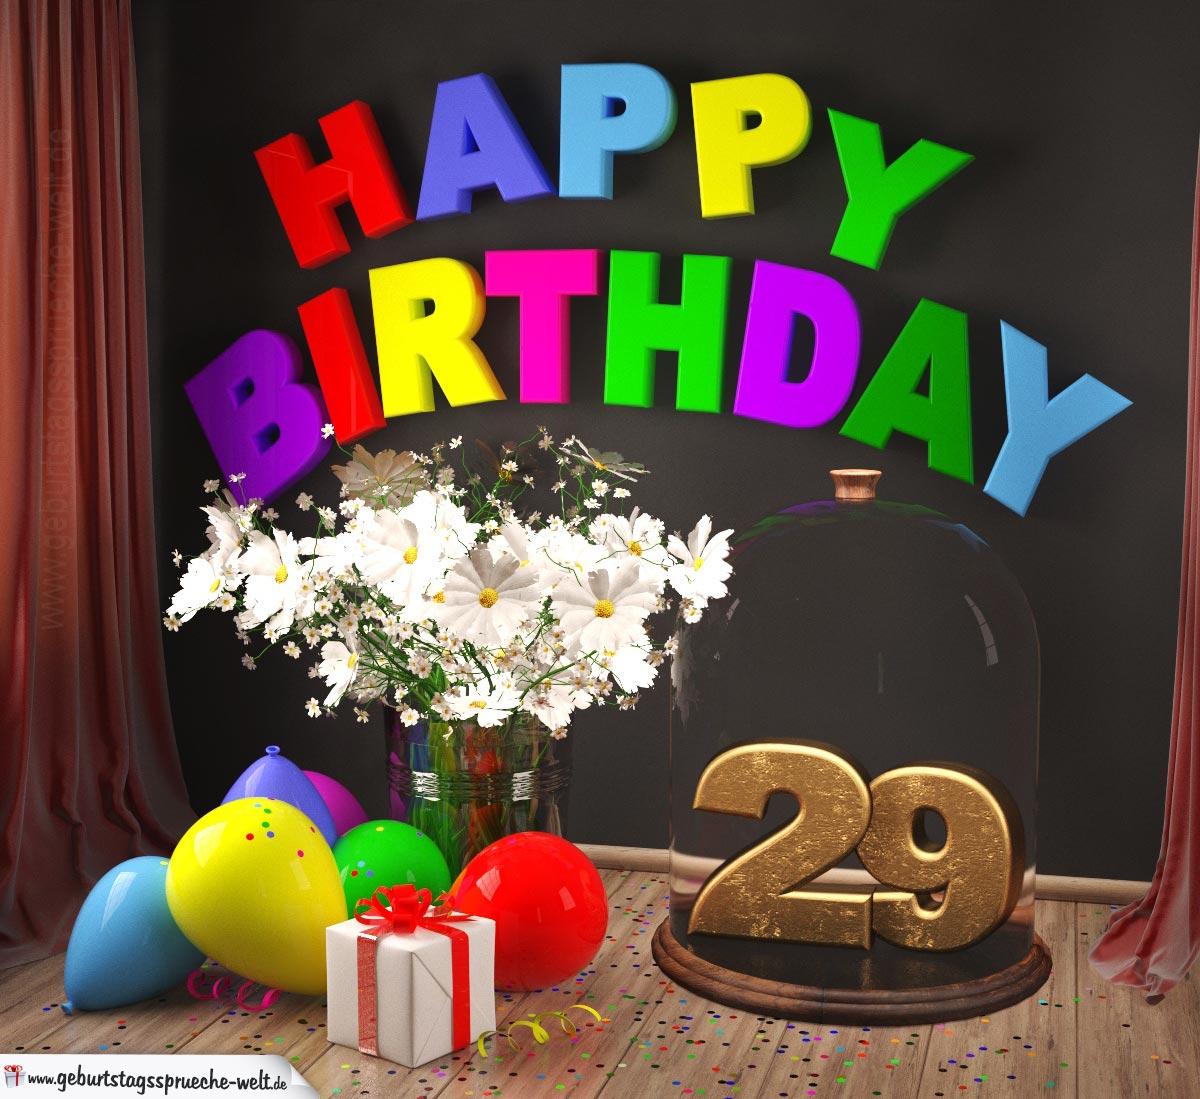 Happy Birthday 29 Jahre Glückwunschkarte mit Margeriten-Blumenstrauß, Luftballons und Geschenk unter Glasglocke